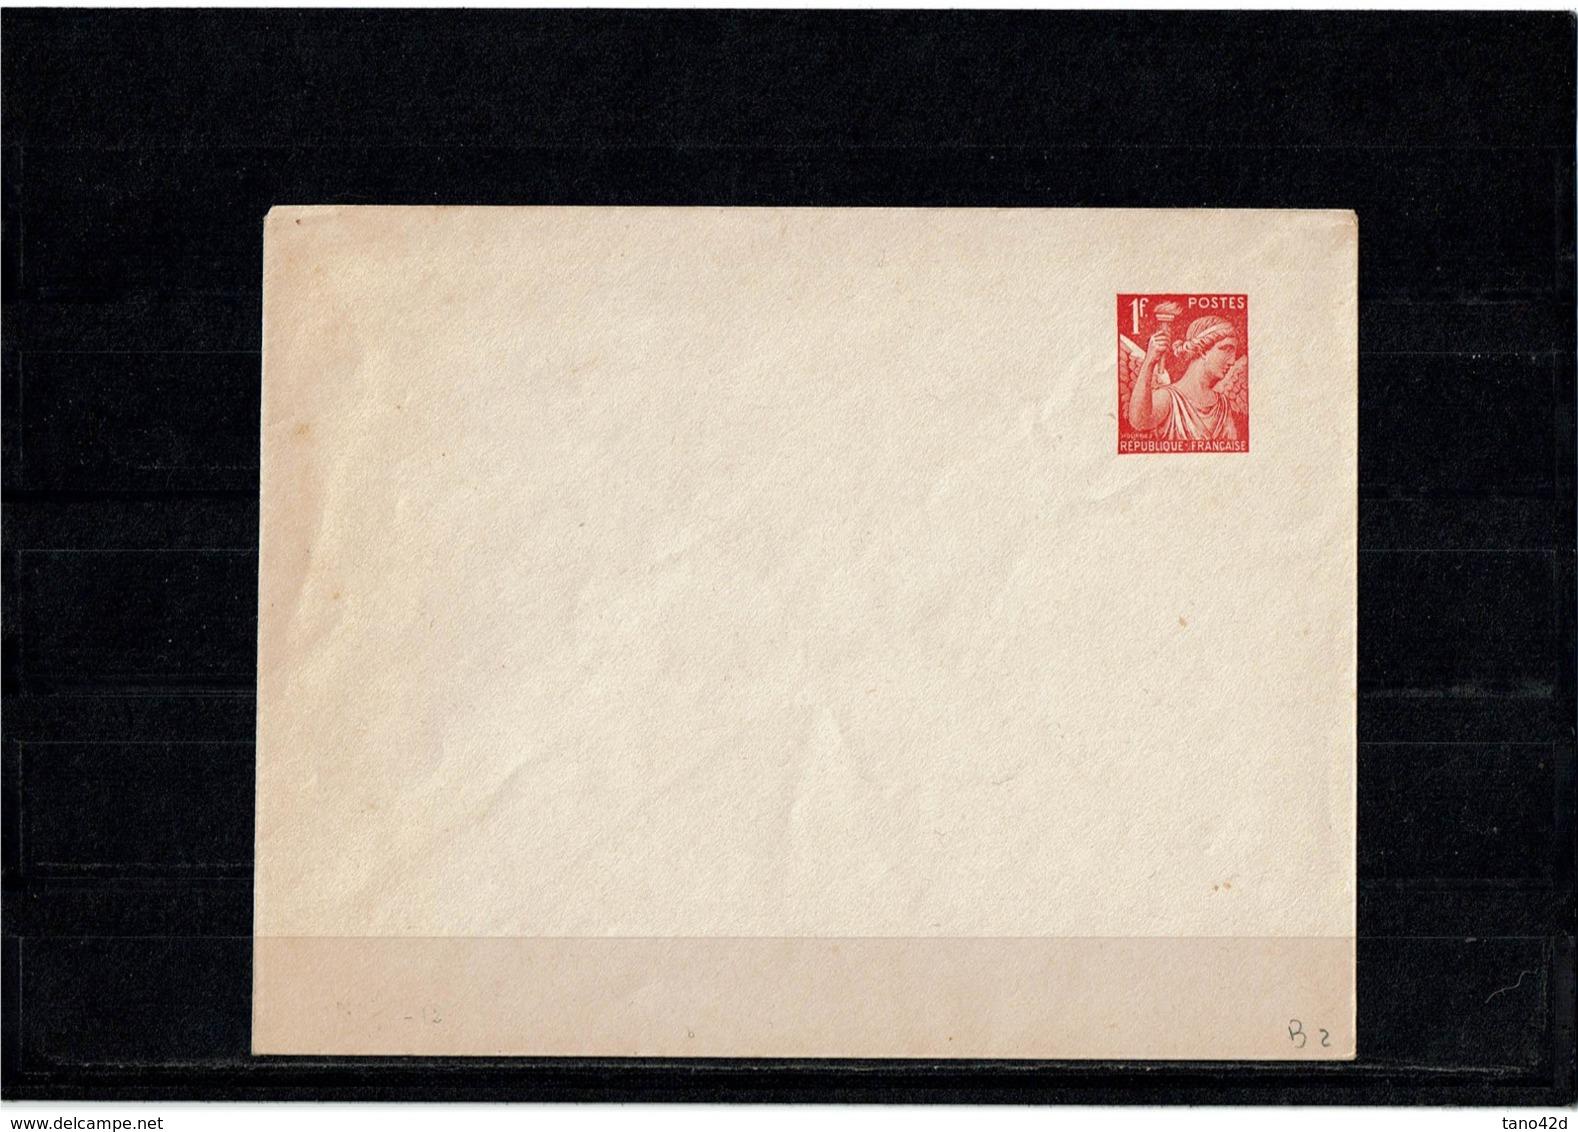 LCTN58/5 - ENV IRIS 1f NEUVE - Postal Stamped Stationery